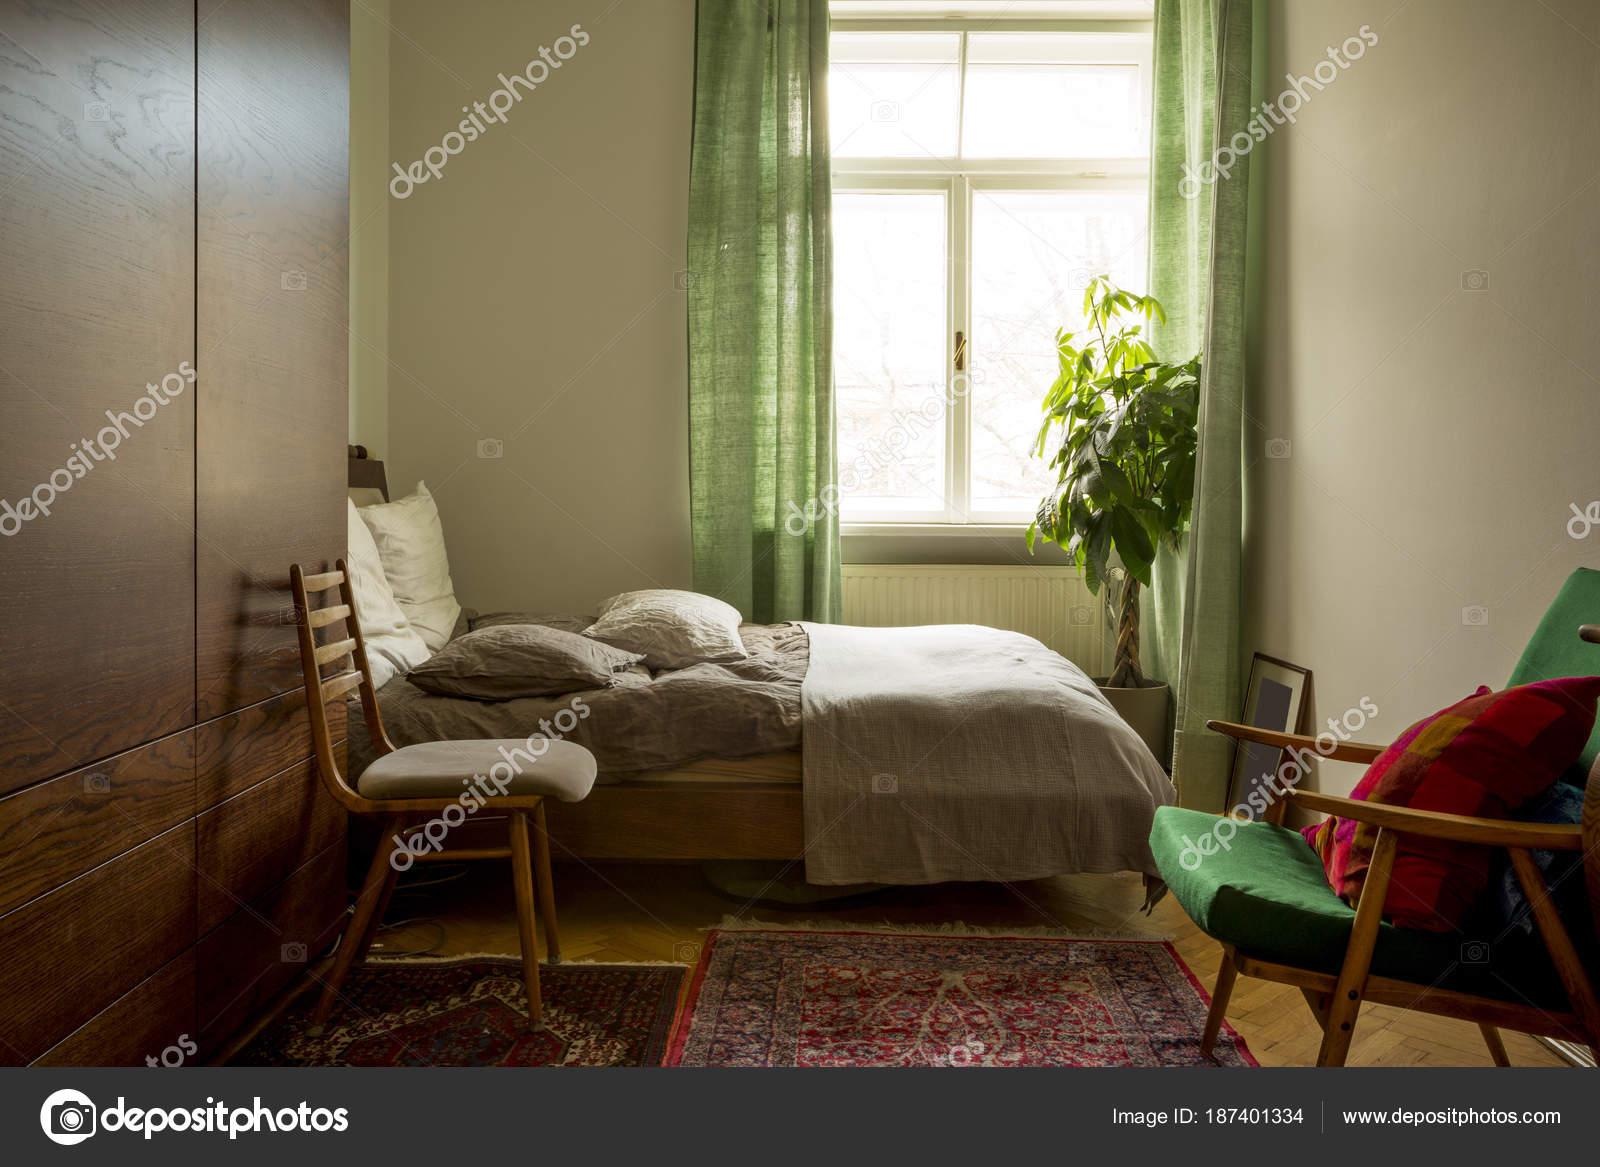 Camera da letto contemporanea in stile scandinavo — Foto Stock ...